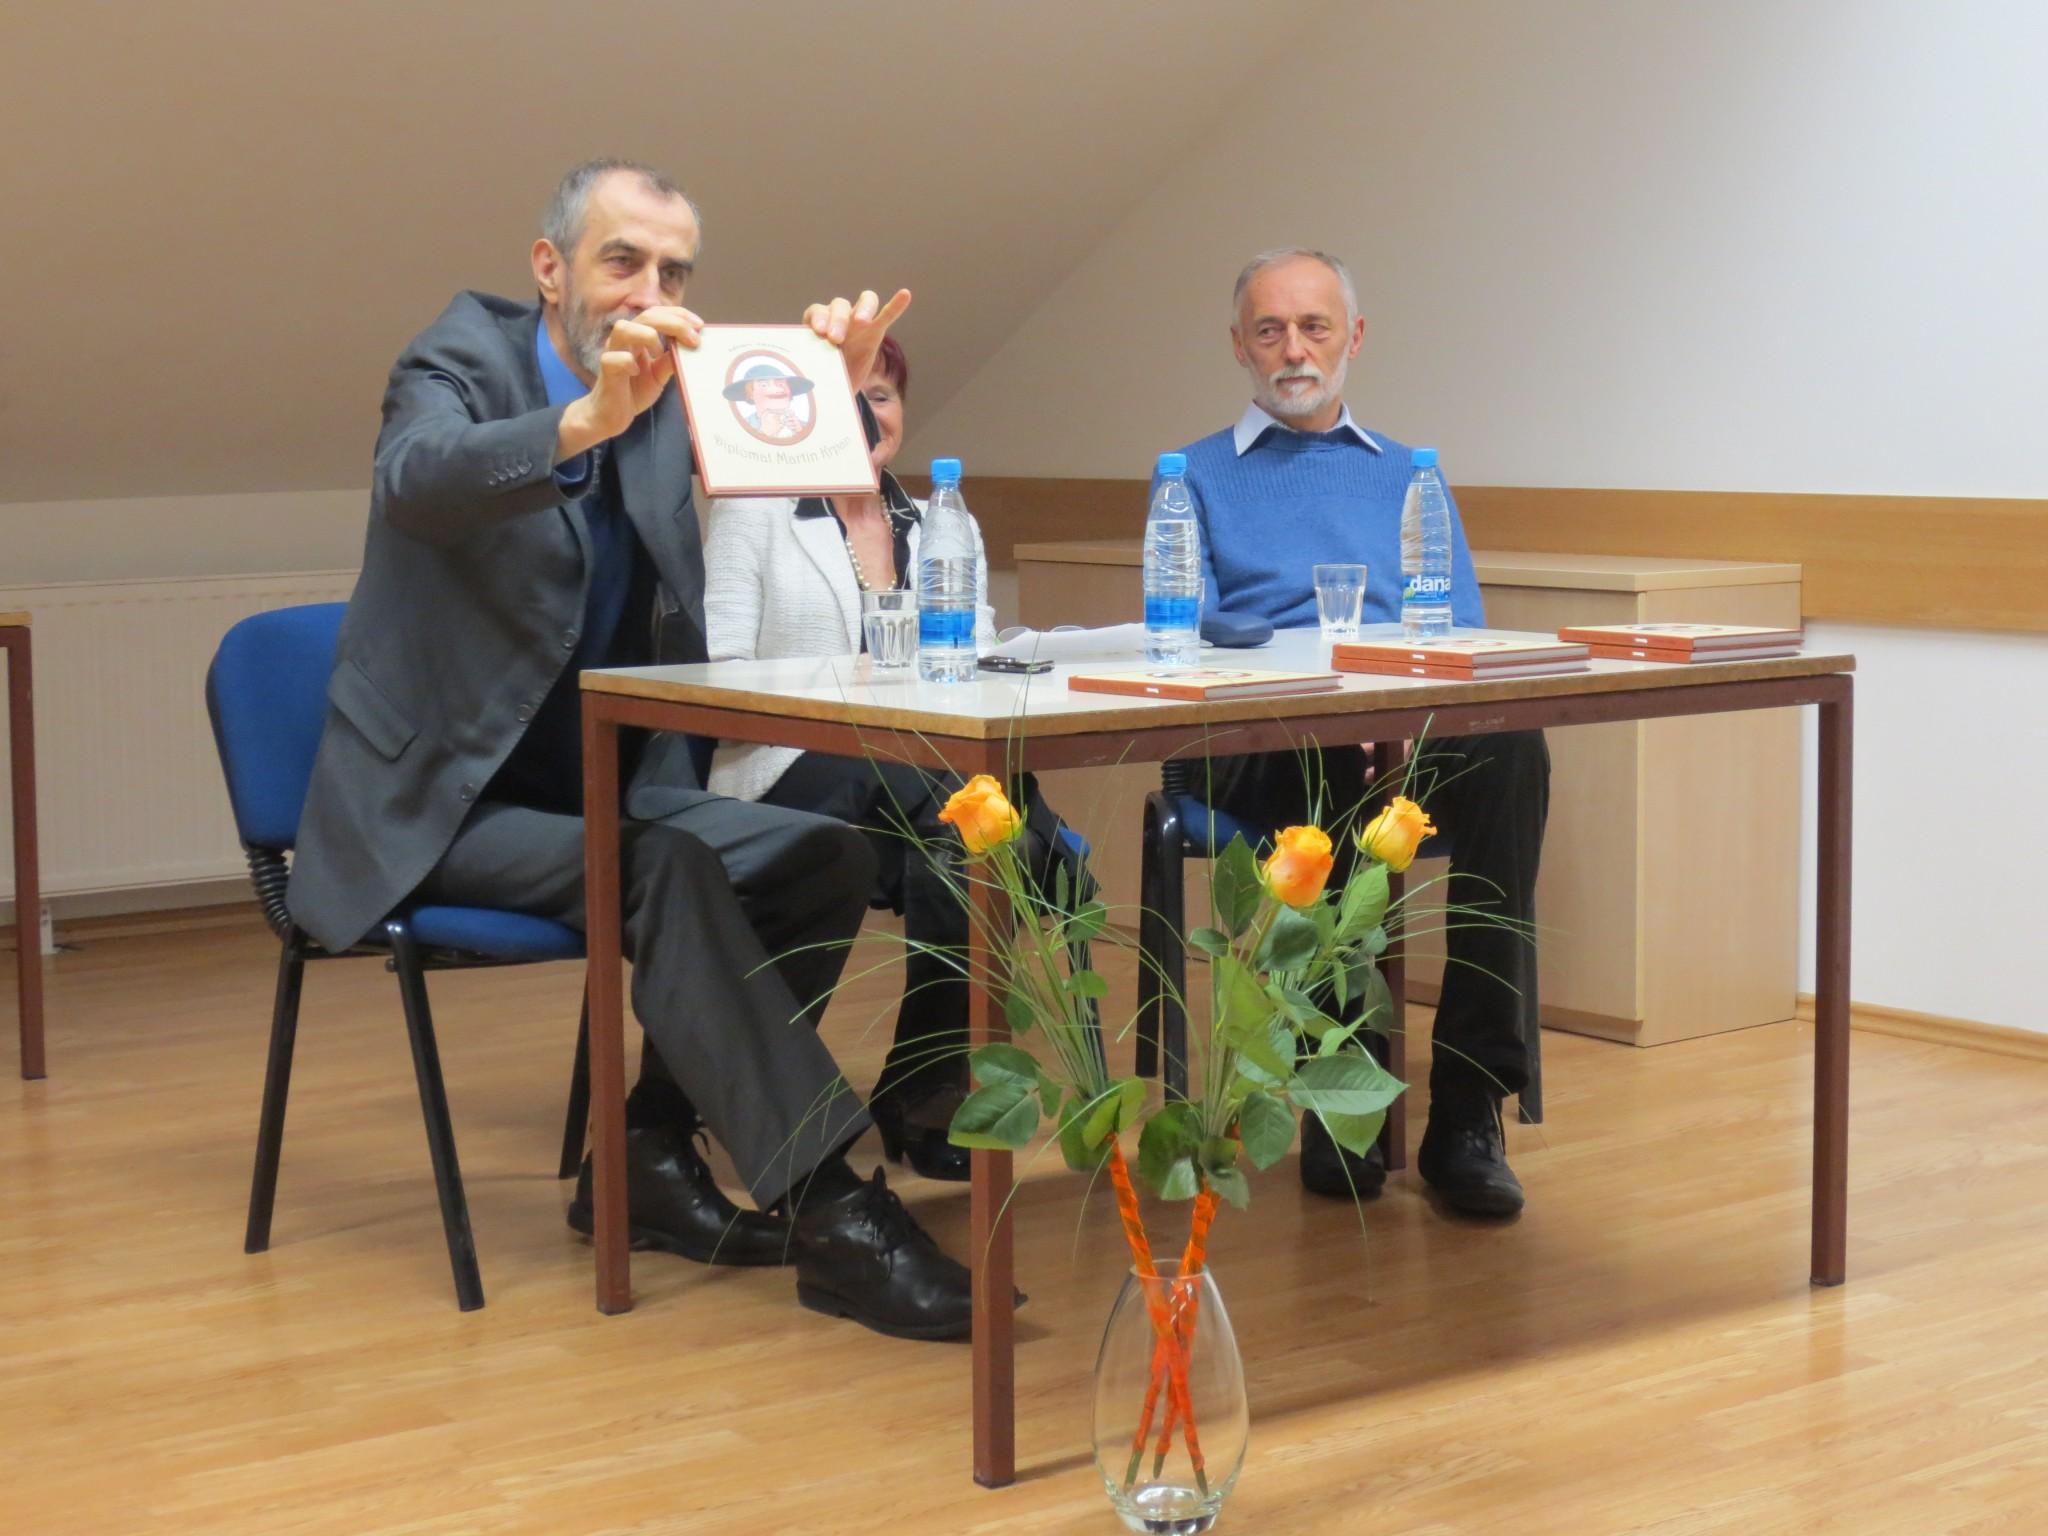 IMG 3508 - Milan Jazbec: Diplomat Martin Krpan